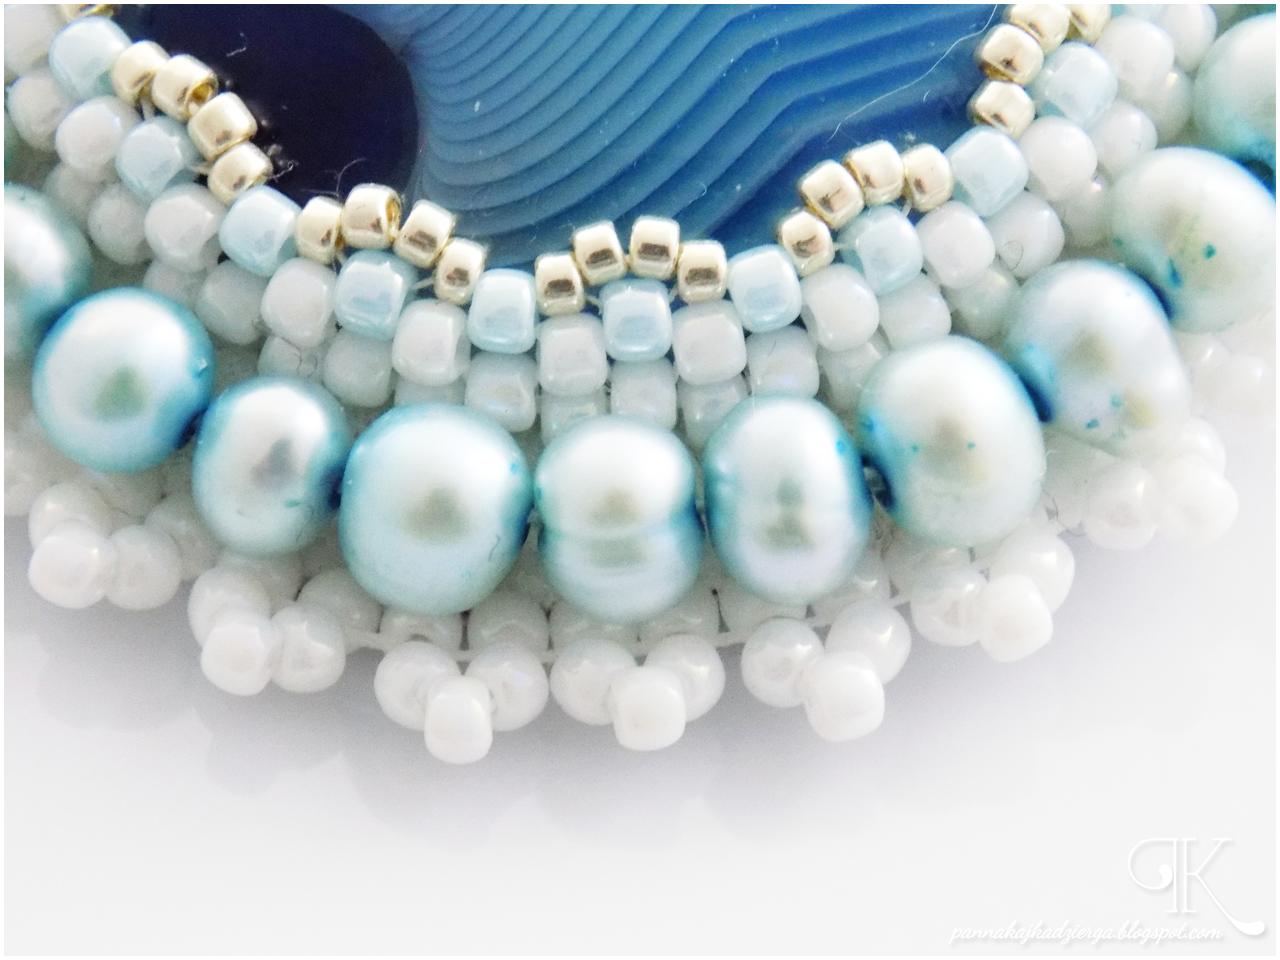 agat, agate, broszka, rękodzieło, handmade, niebieski, blue, perły, biżuteria, jewellery